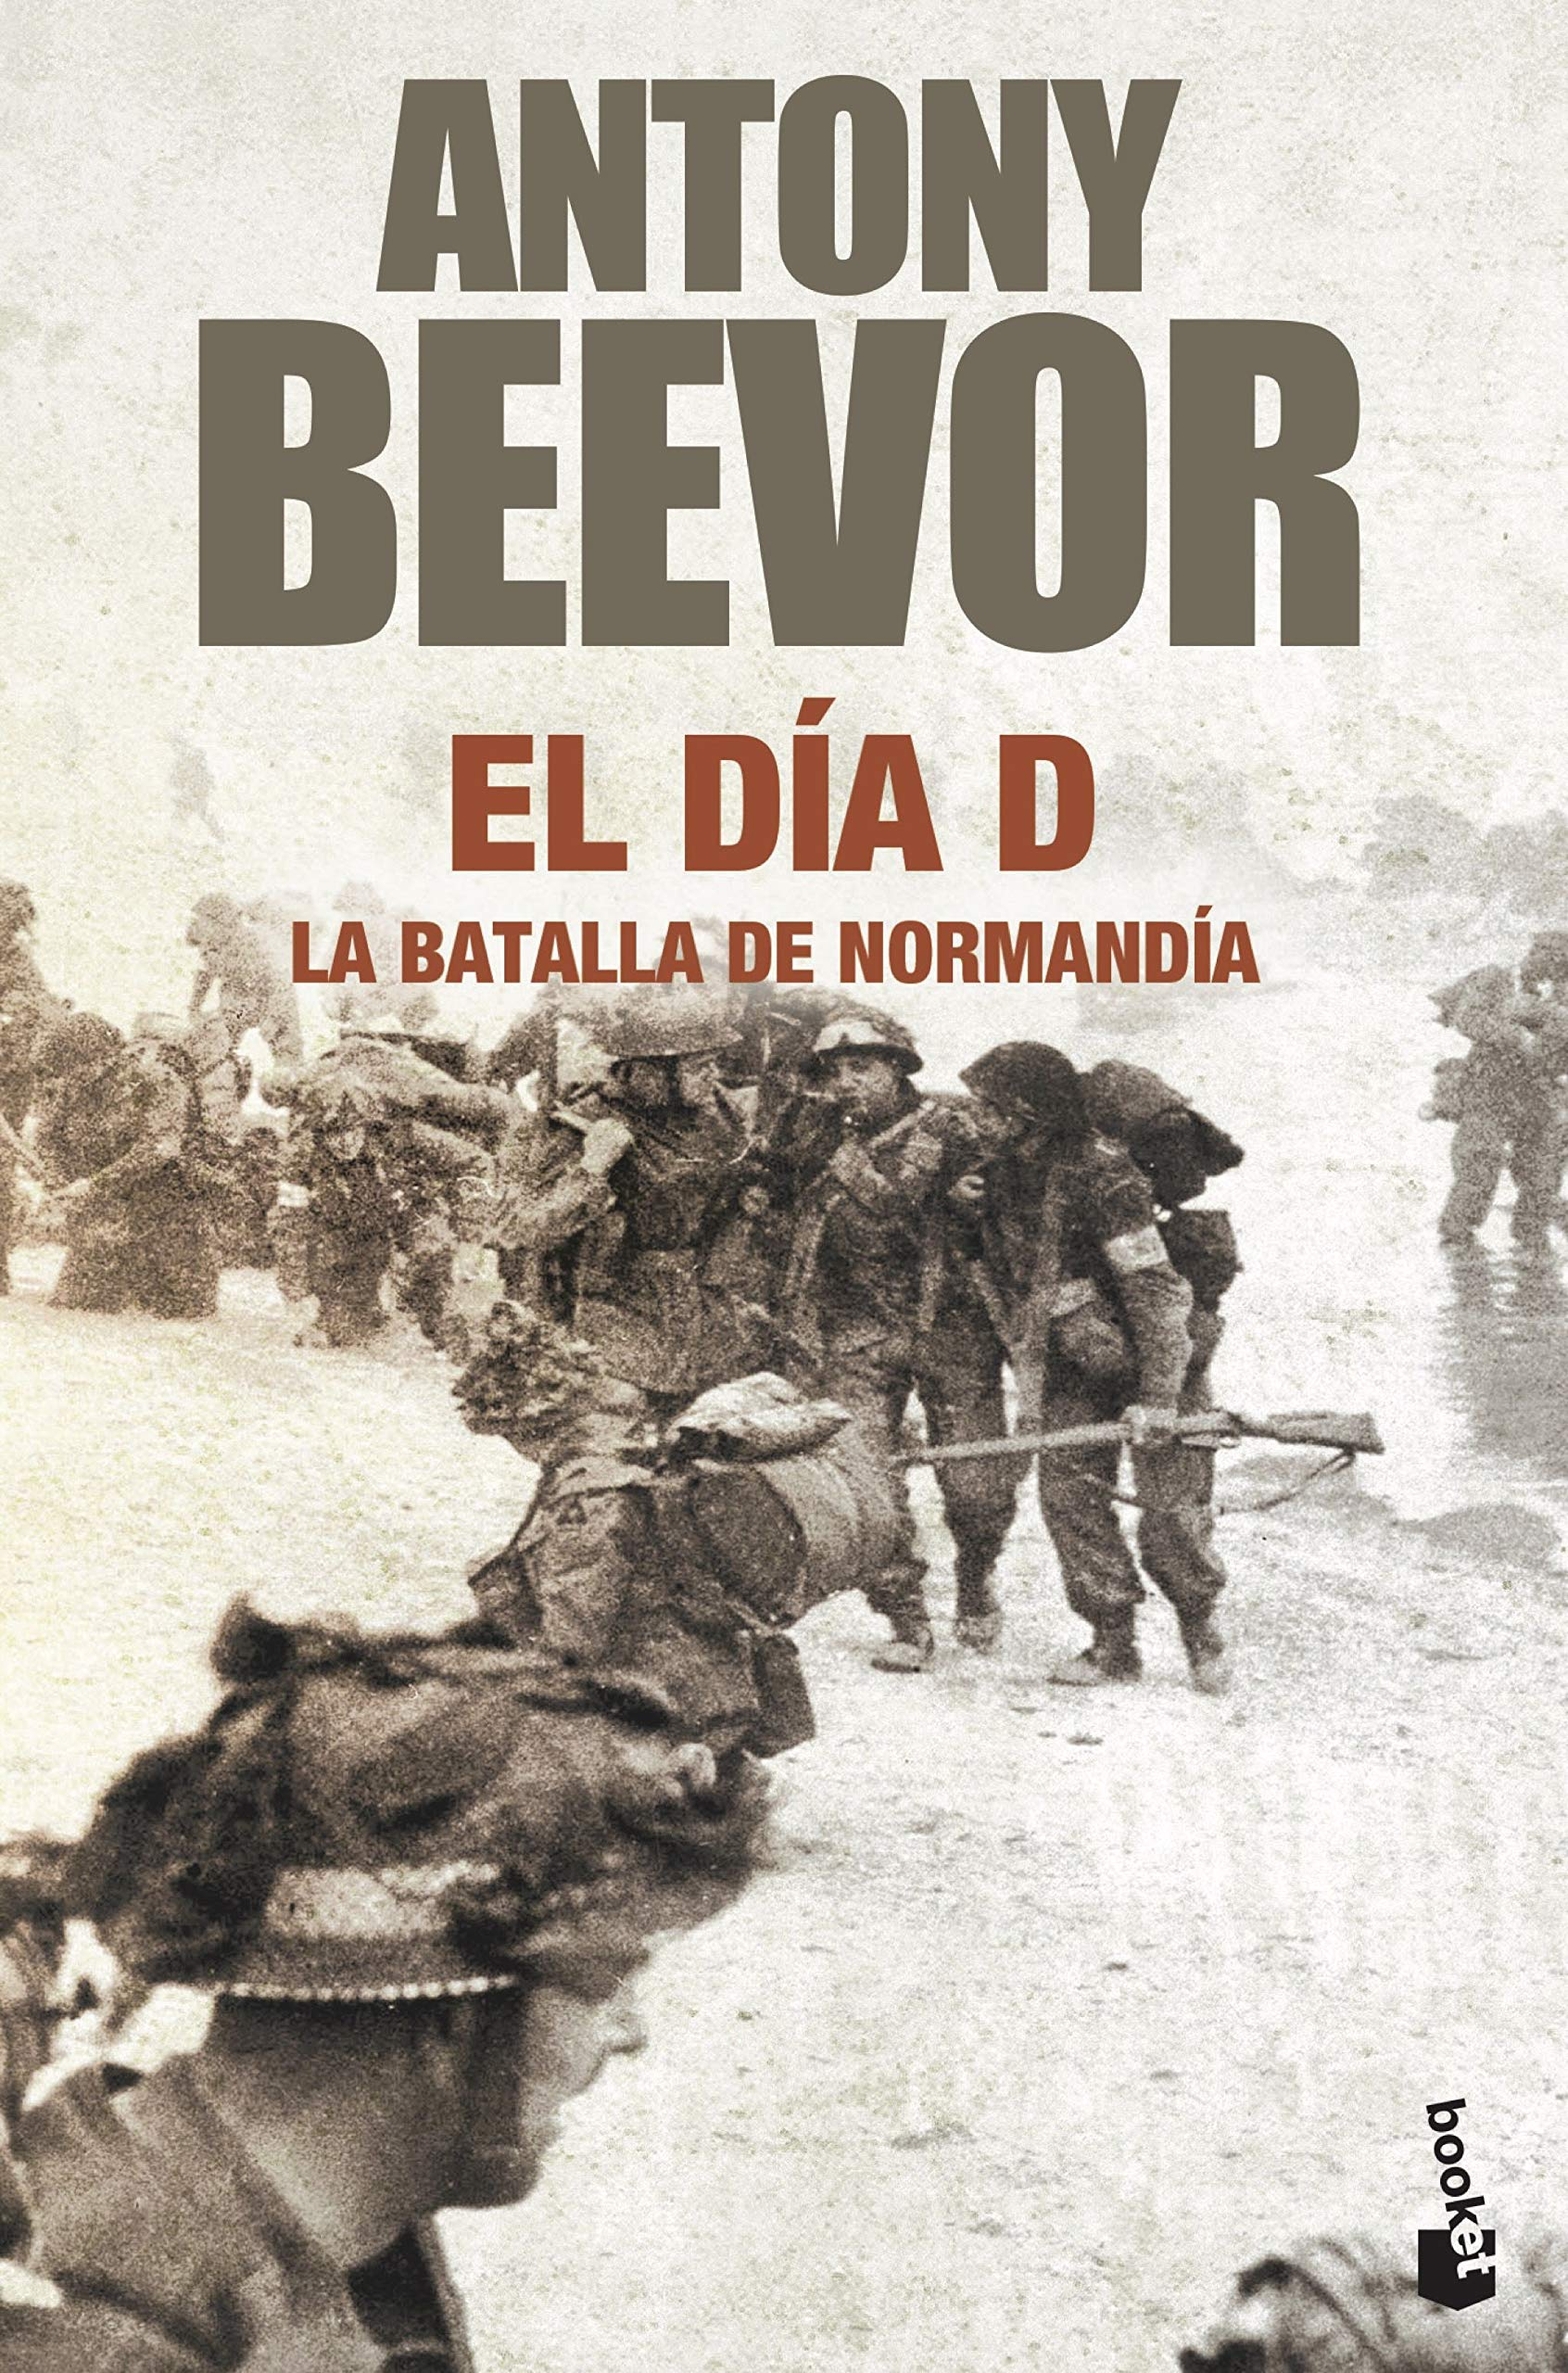 El Día D (Biblioteca Antony Beevor): Amazon.es: Beevor, Antony, Lozoya, Teófilo de, Rabasseda, Joan: Libros